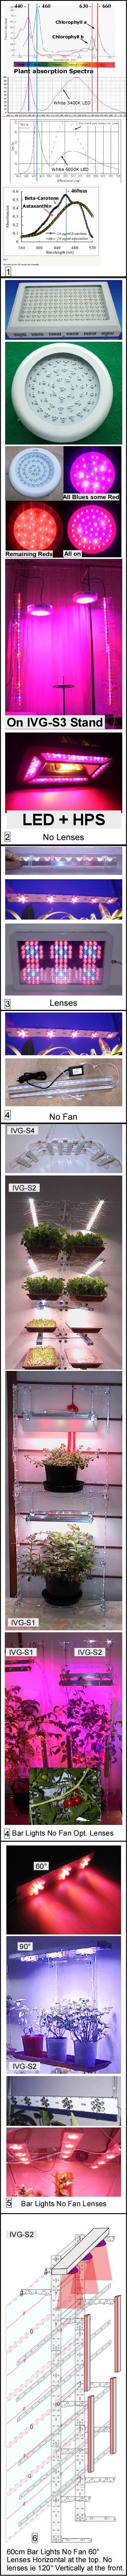 LED Grow Lights                                                                                                                                                                                 More